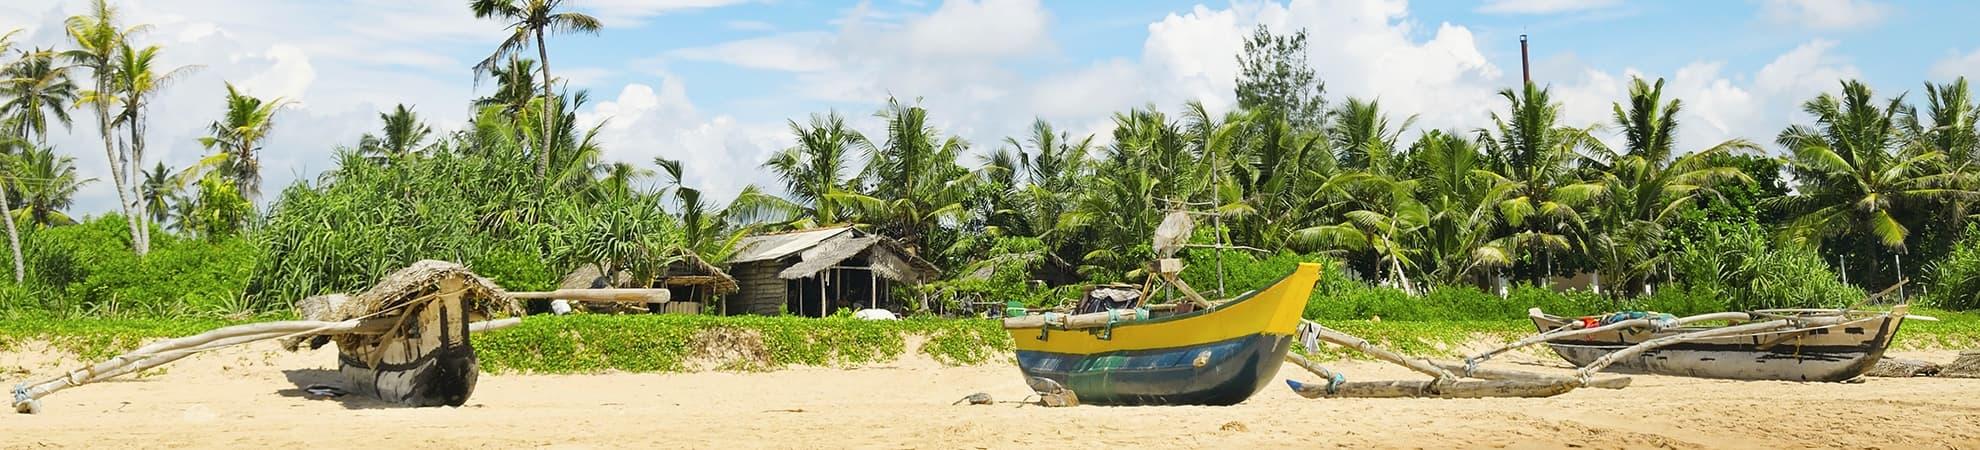 Infos pratiques Sri Lanka